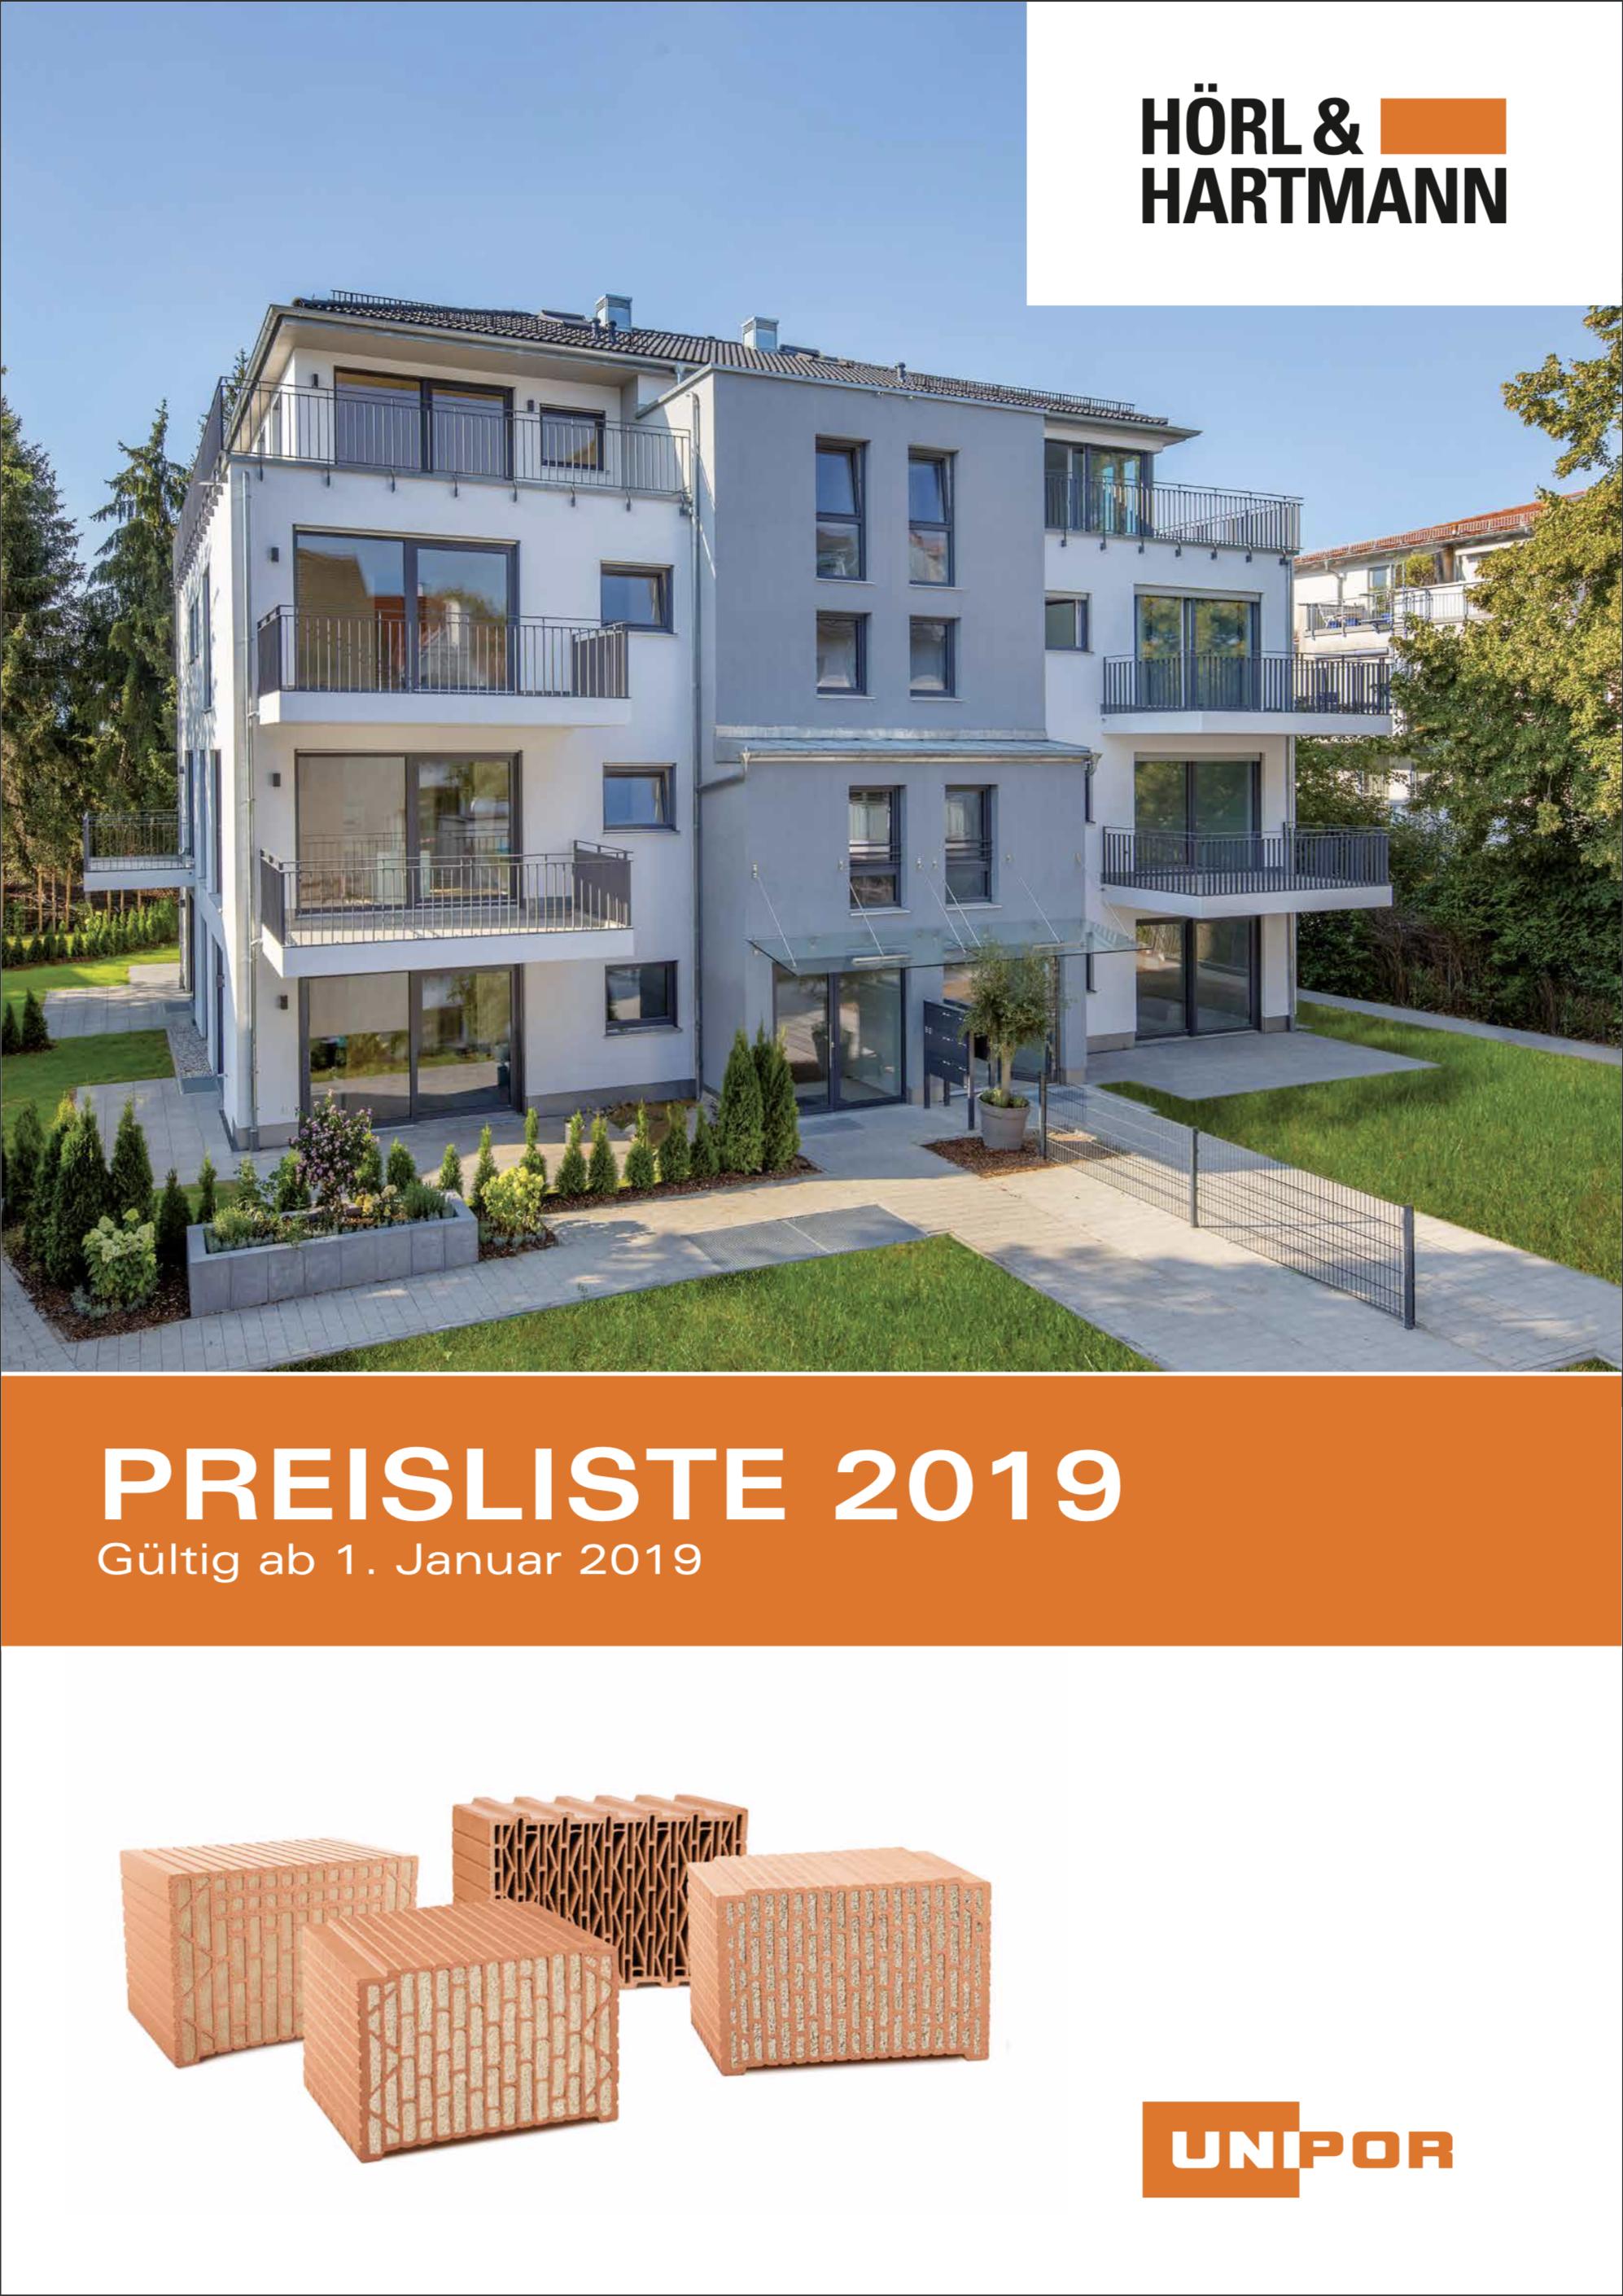 Hoerl und Hartmann Download Preisliste 2019